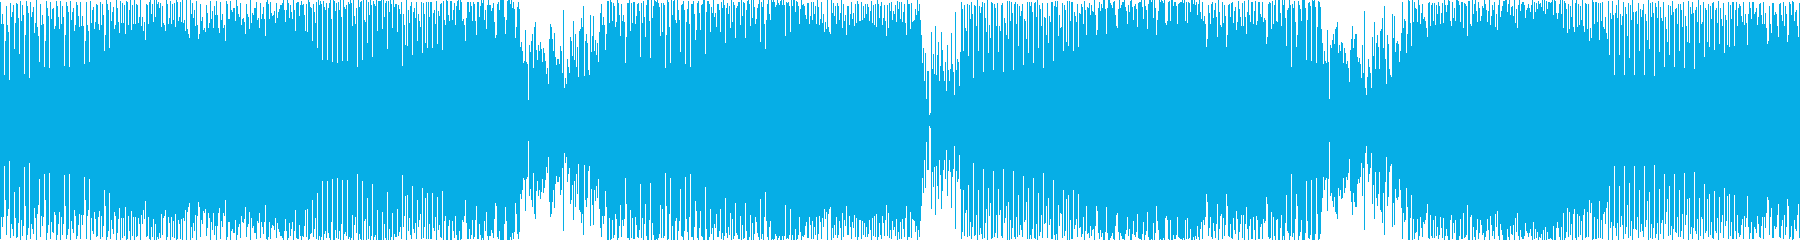 エレクトロニック 技術的な 電化 ...の再生済みの波形